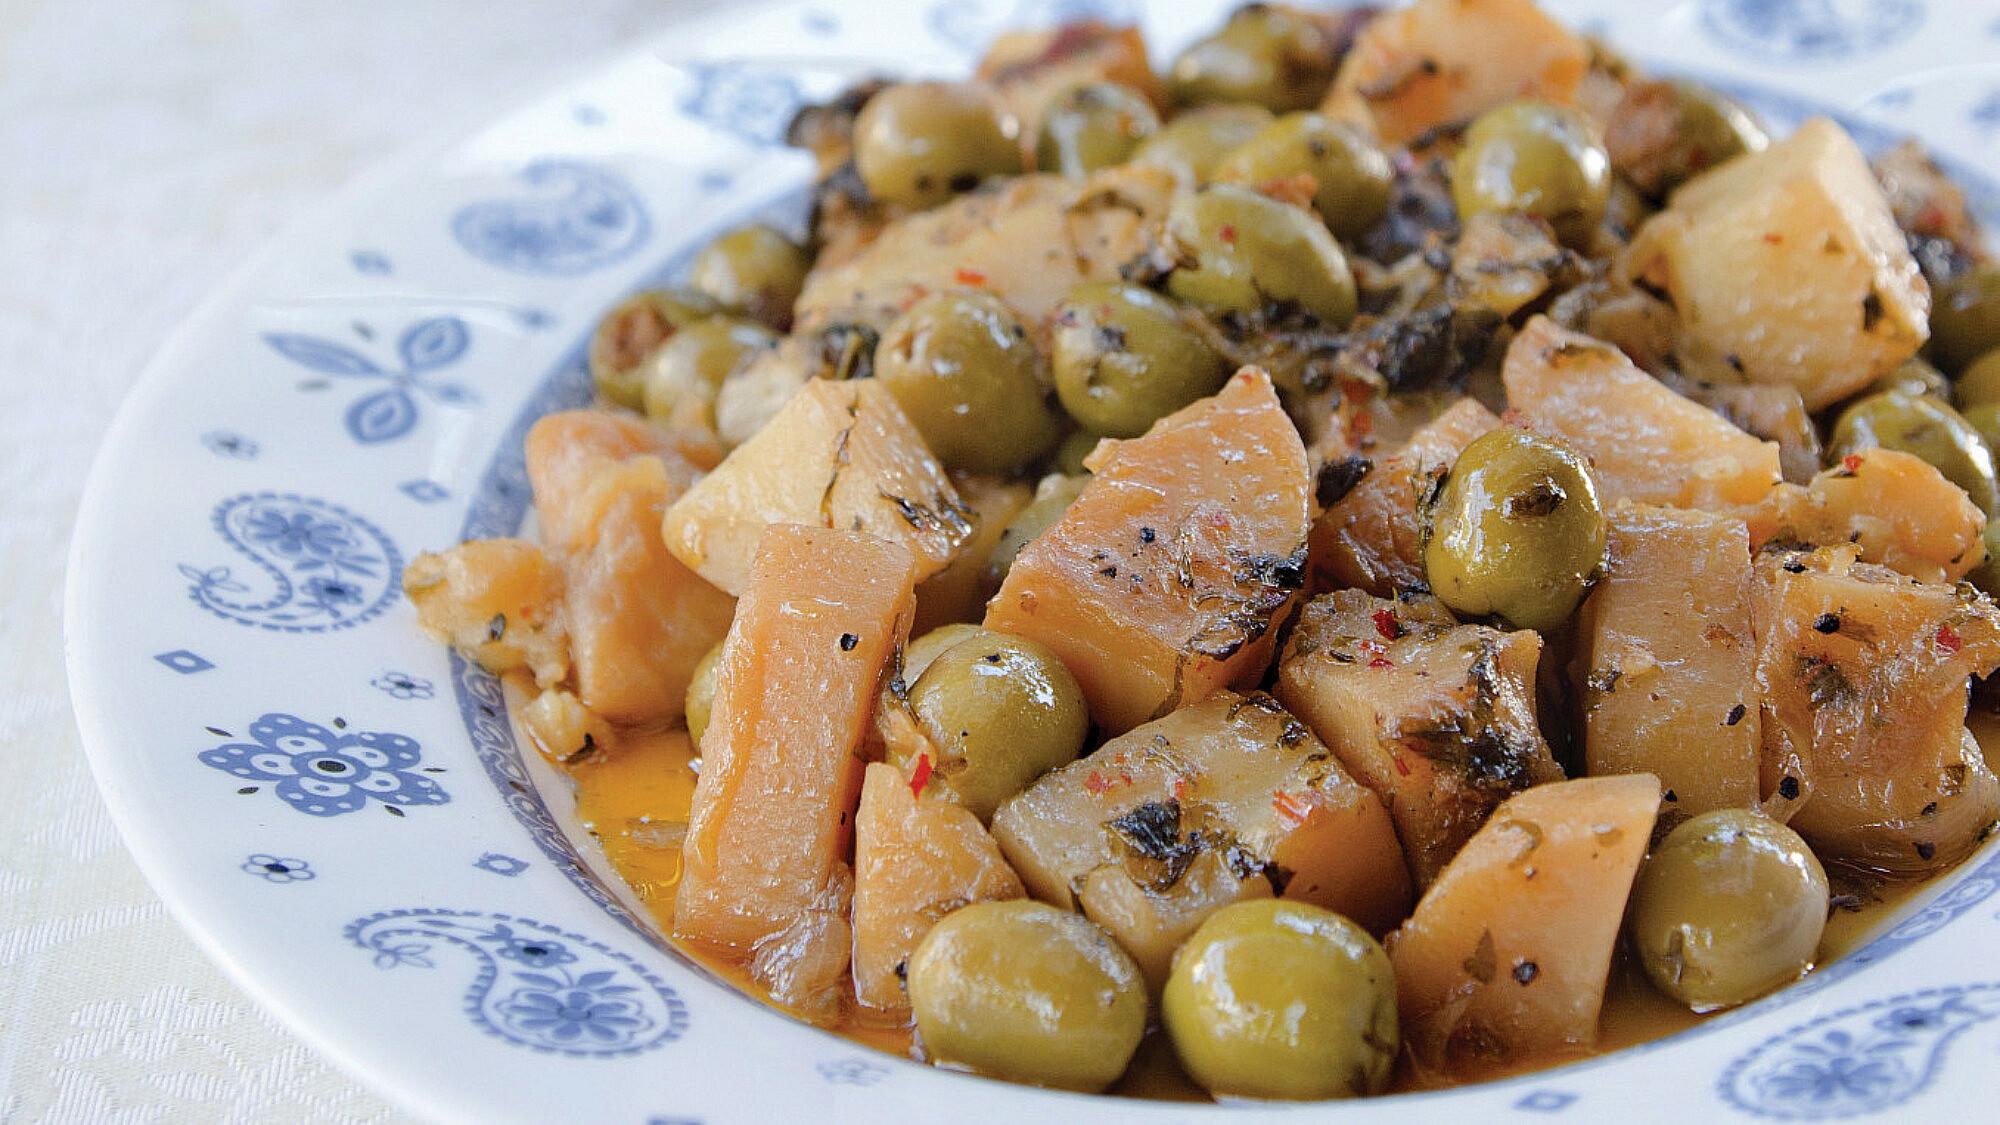 תבשיל זיתים ממולאים עם תפוחי אדמה ברוטב עגבניות של שף אבי לוי (צילום: אילן נחום)